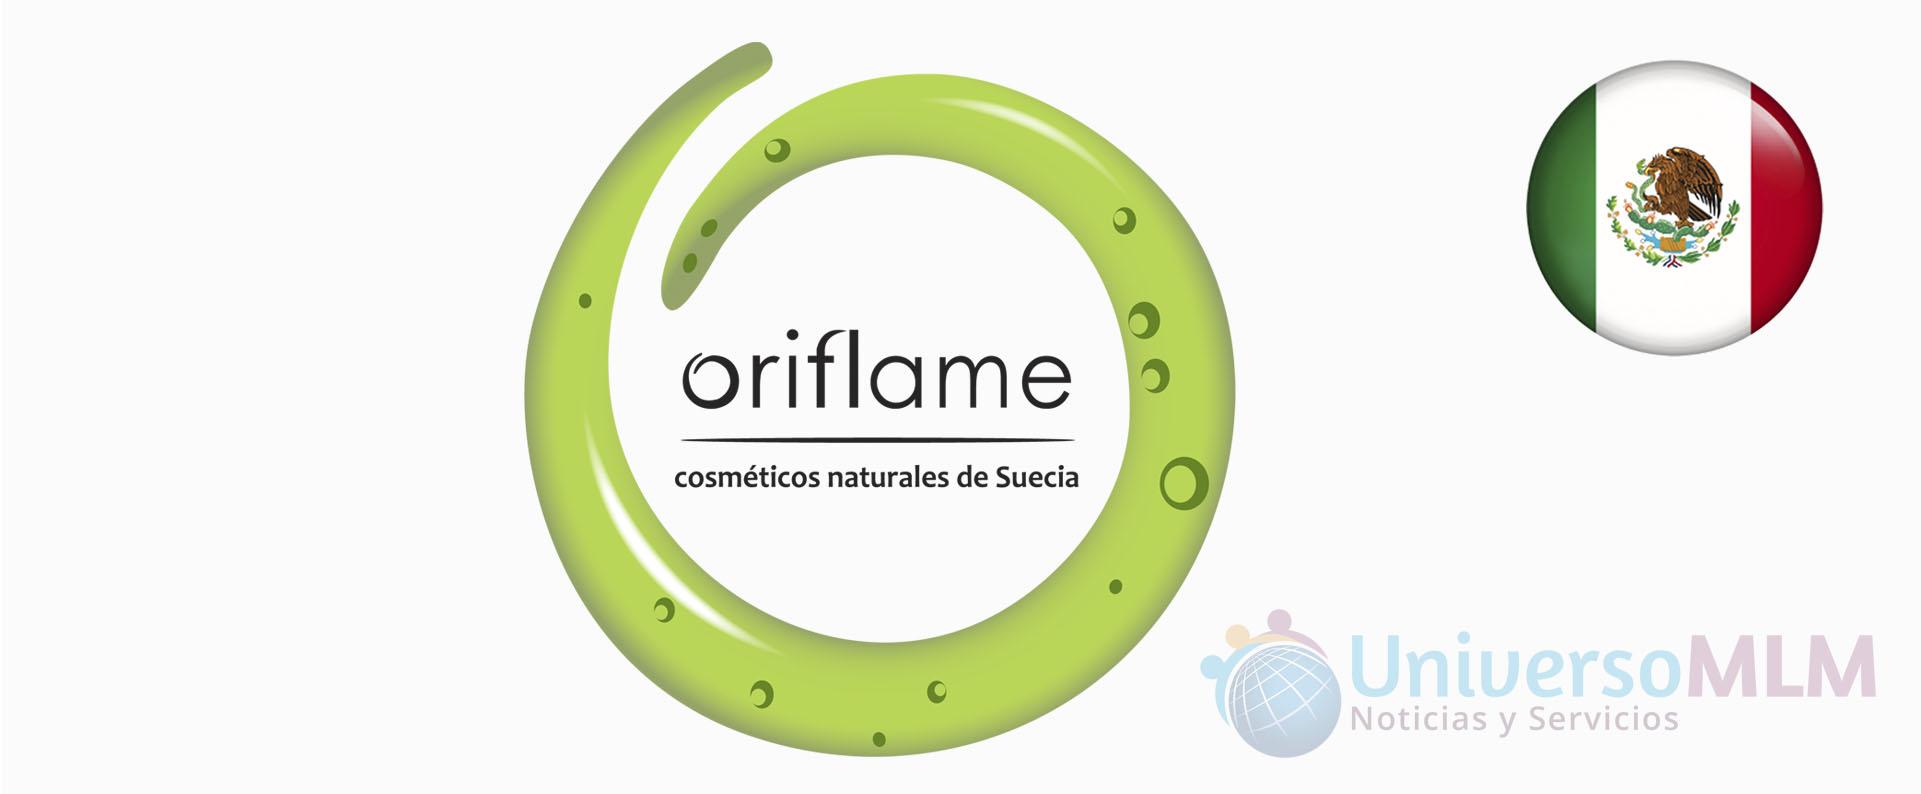 oriflame-mexico-